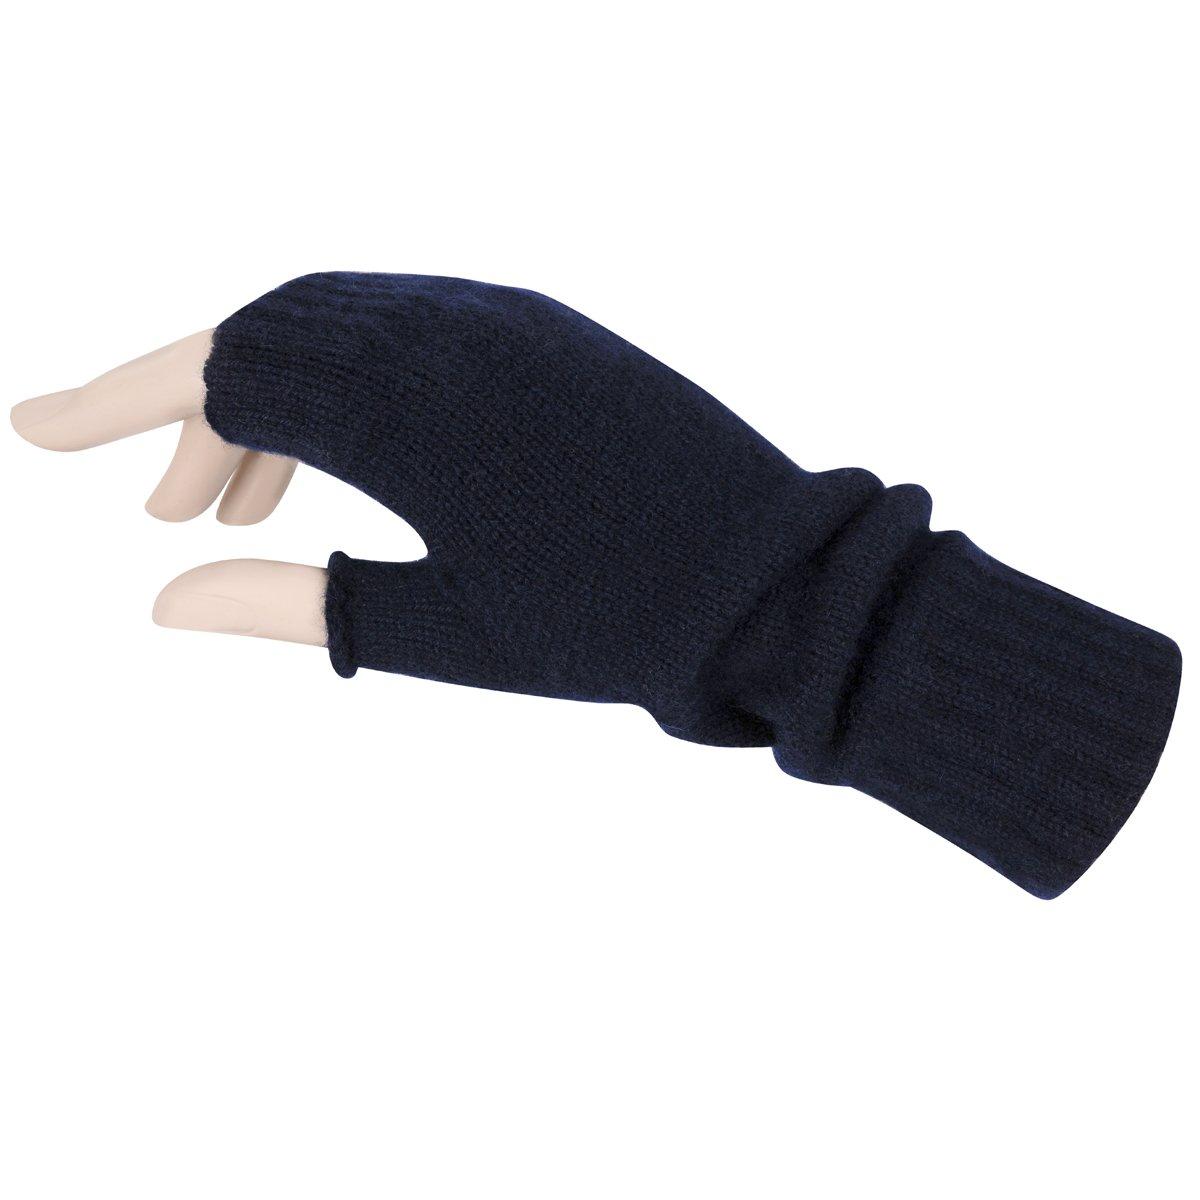 ScotlandShop De las mujeres sin dedos guantes de cachemira pura fabricada en Escocia